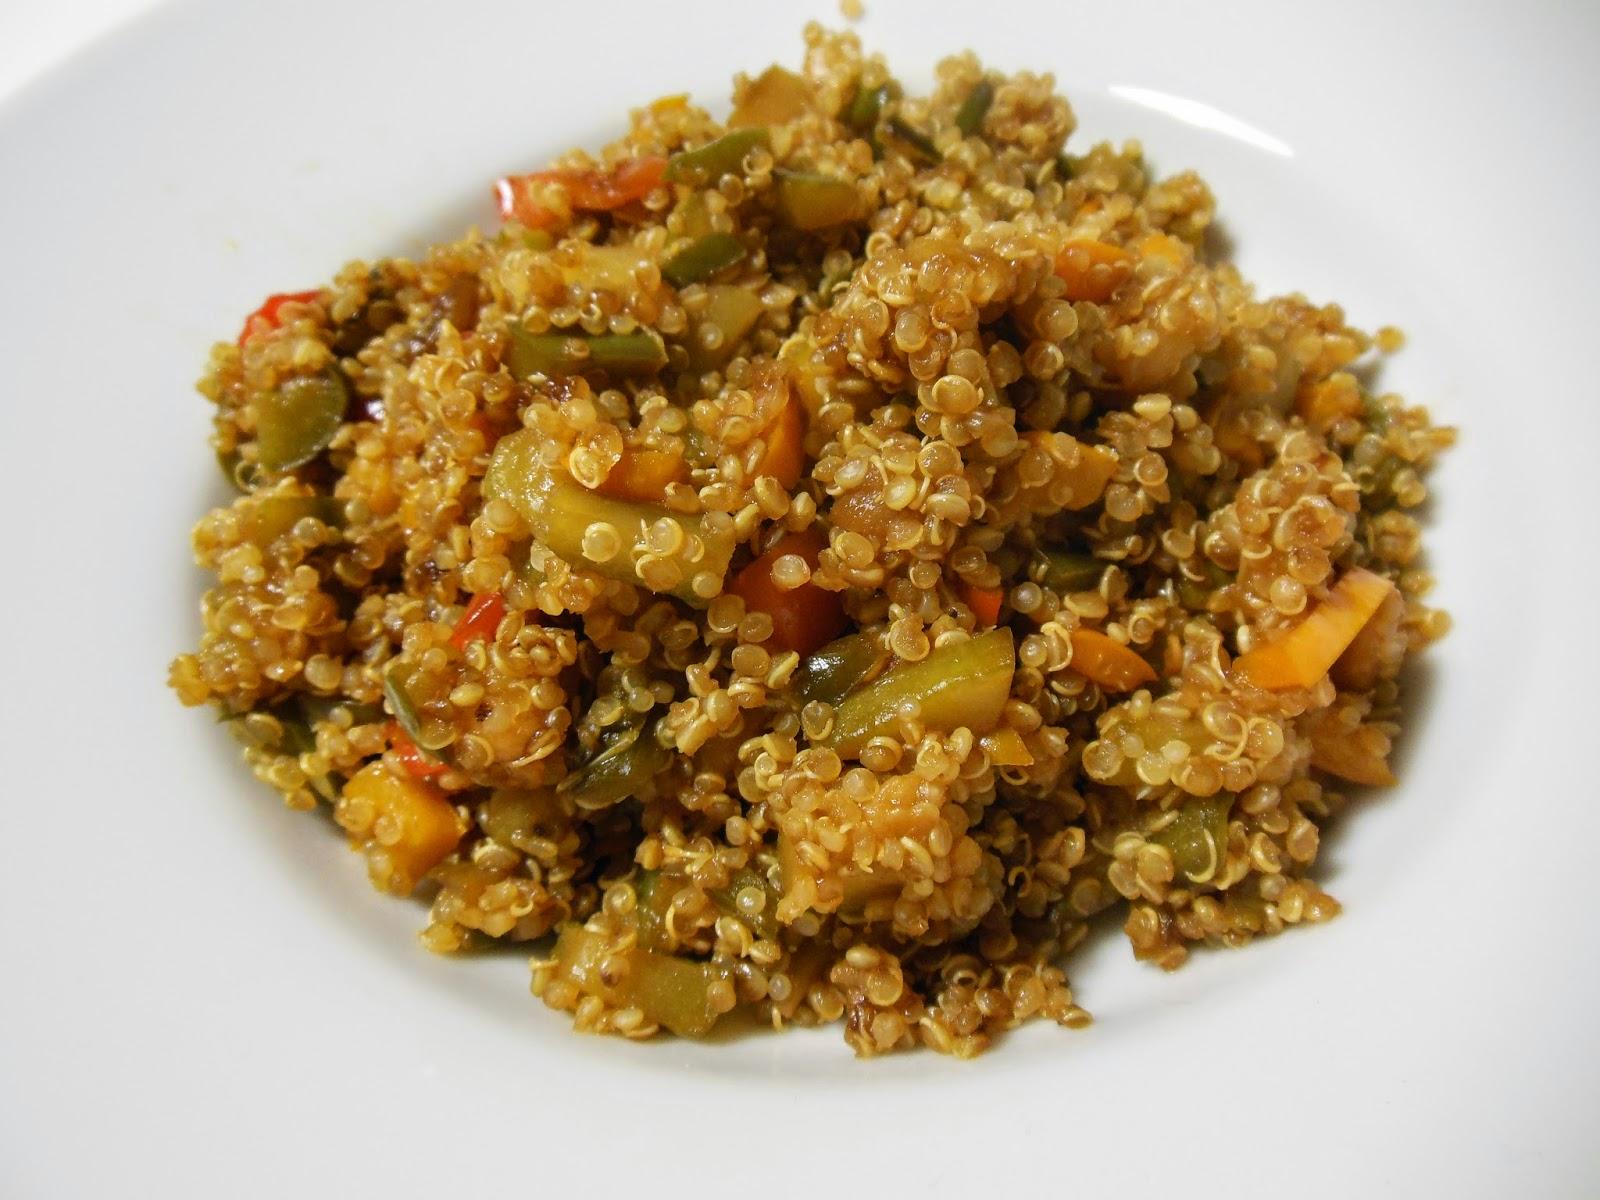 Avena y canela quinoa con verduras y salsa de soja por qu comer quinoa - Cocinar quinoa con verduras ...